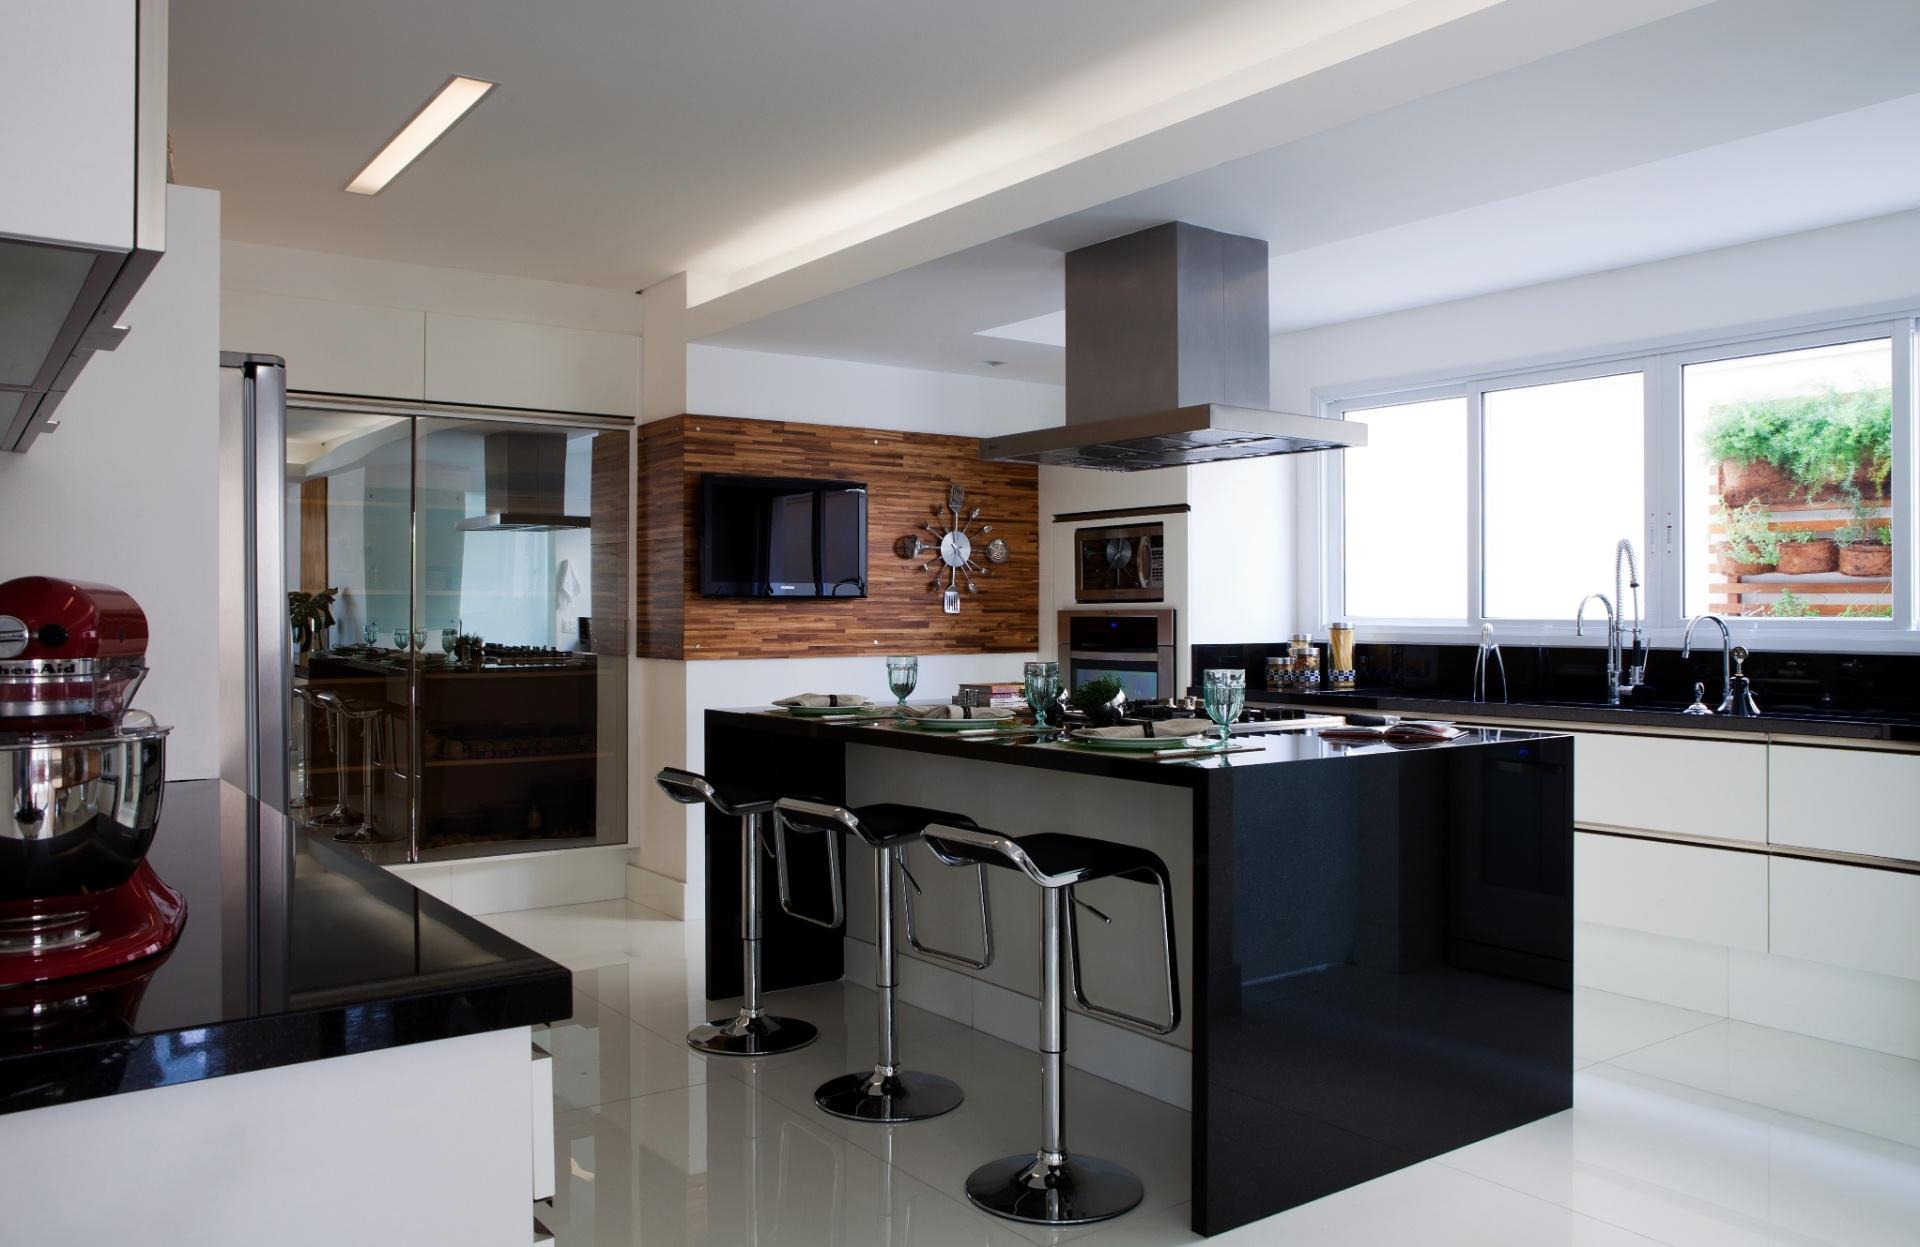 Uma ilha de cocção, com espaço para refeições rápidas, foi instalada no centro da cozinha da casa em Barueri (SP), decorada por Giseli Koraicho. O ambiente conta com elementos brancos, pretos, metalizados e em madeira